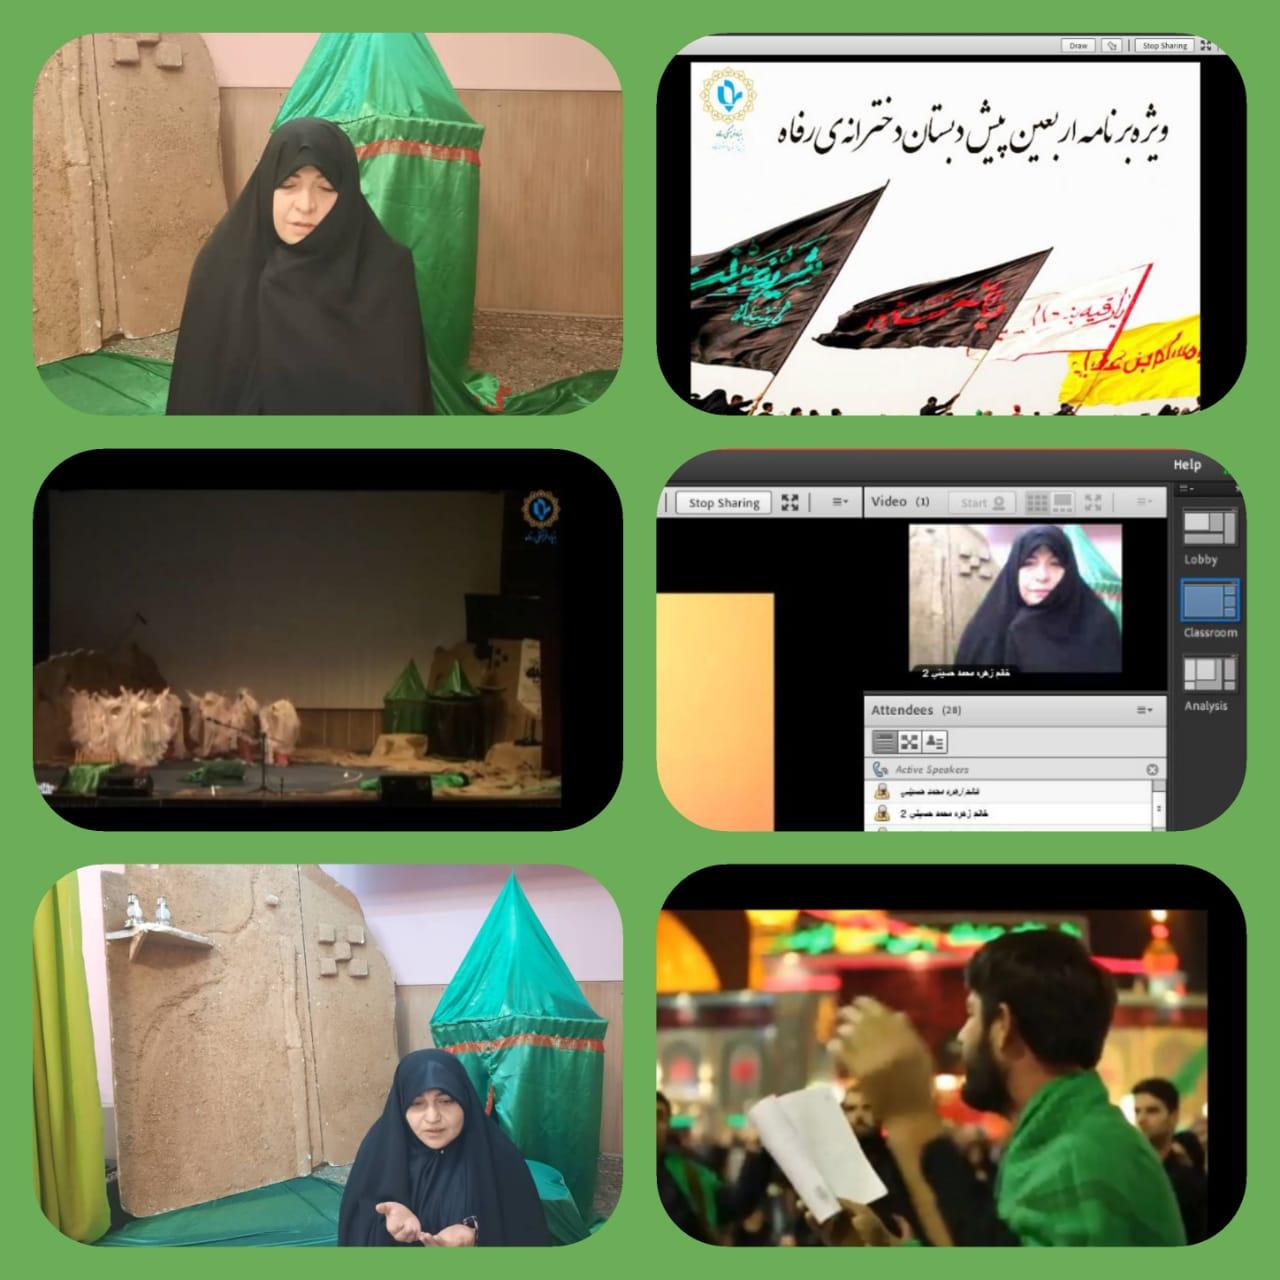 مراسم عزاداری سالار شهیدان ابا عبدالله الحسین (ع) به مناسبت اربعین حسینی